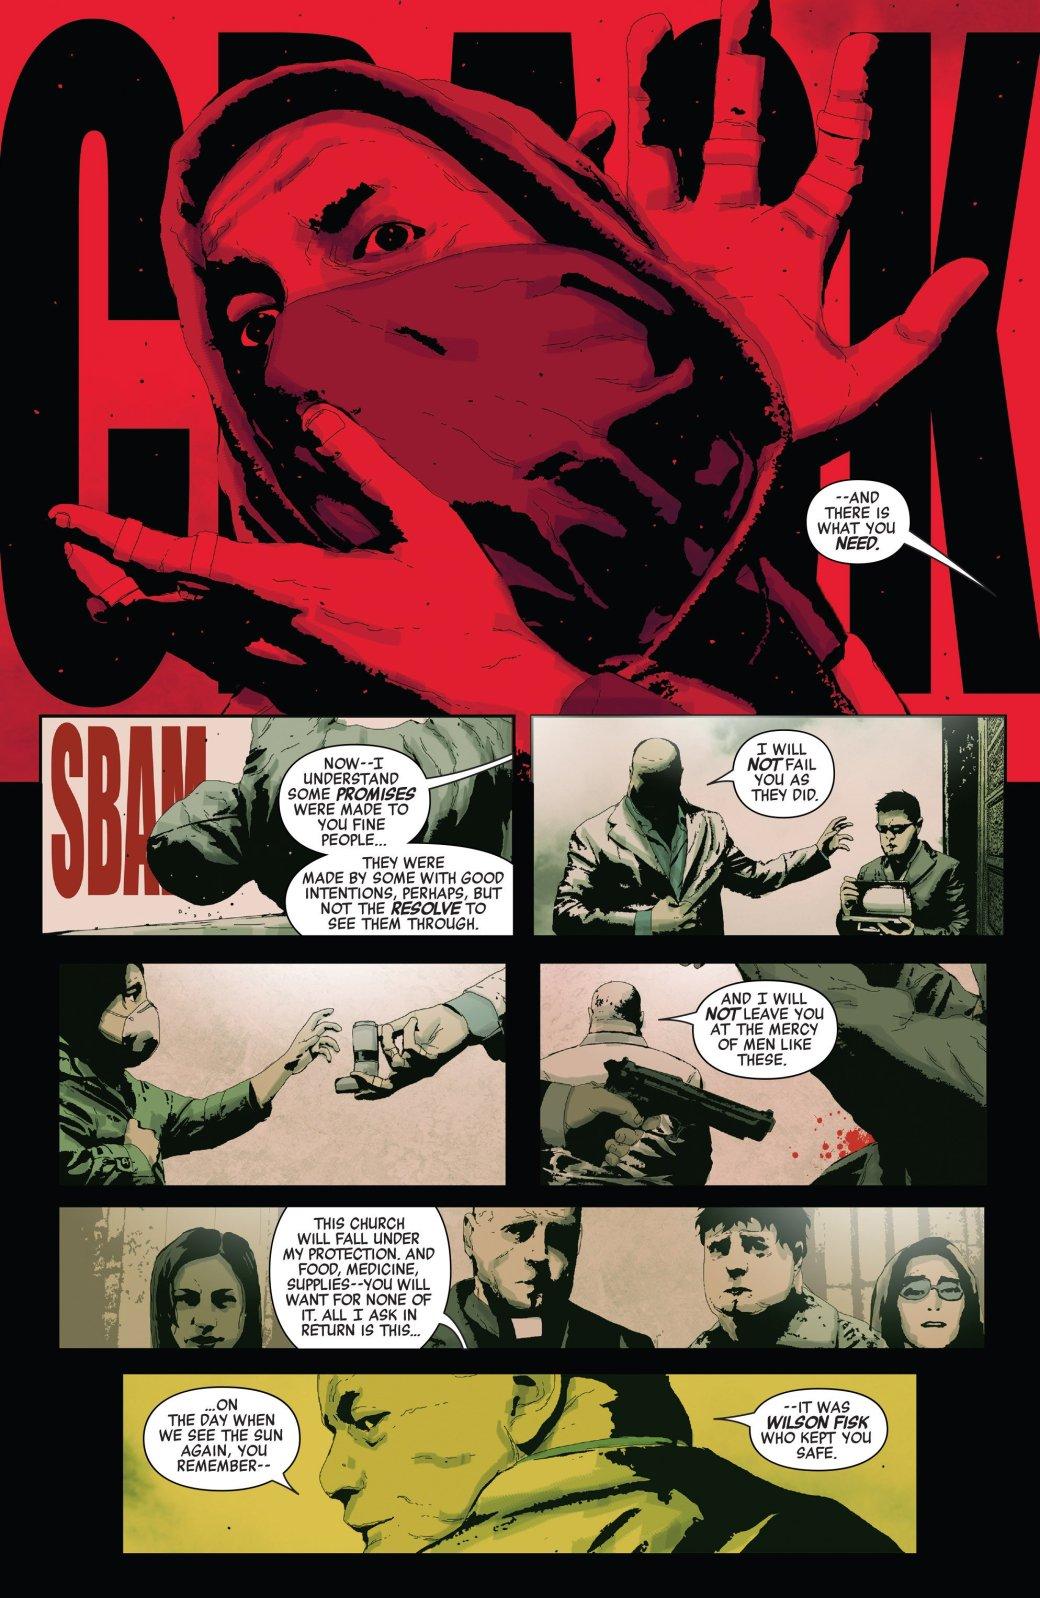 Secret Empire: Гидра сломала супергероев, и теперь они готовы убивать. - Изображение 15